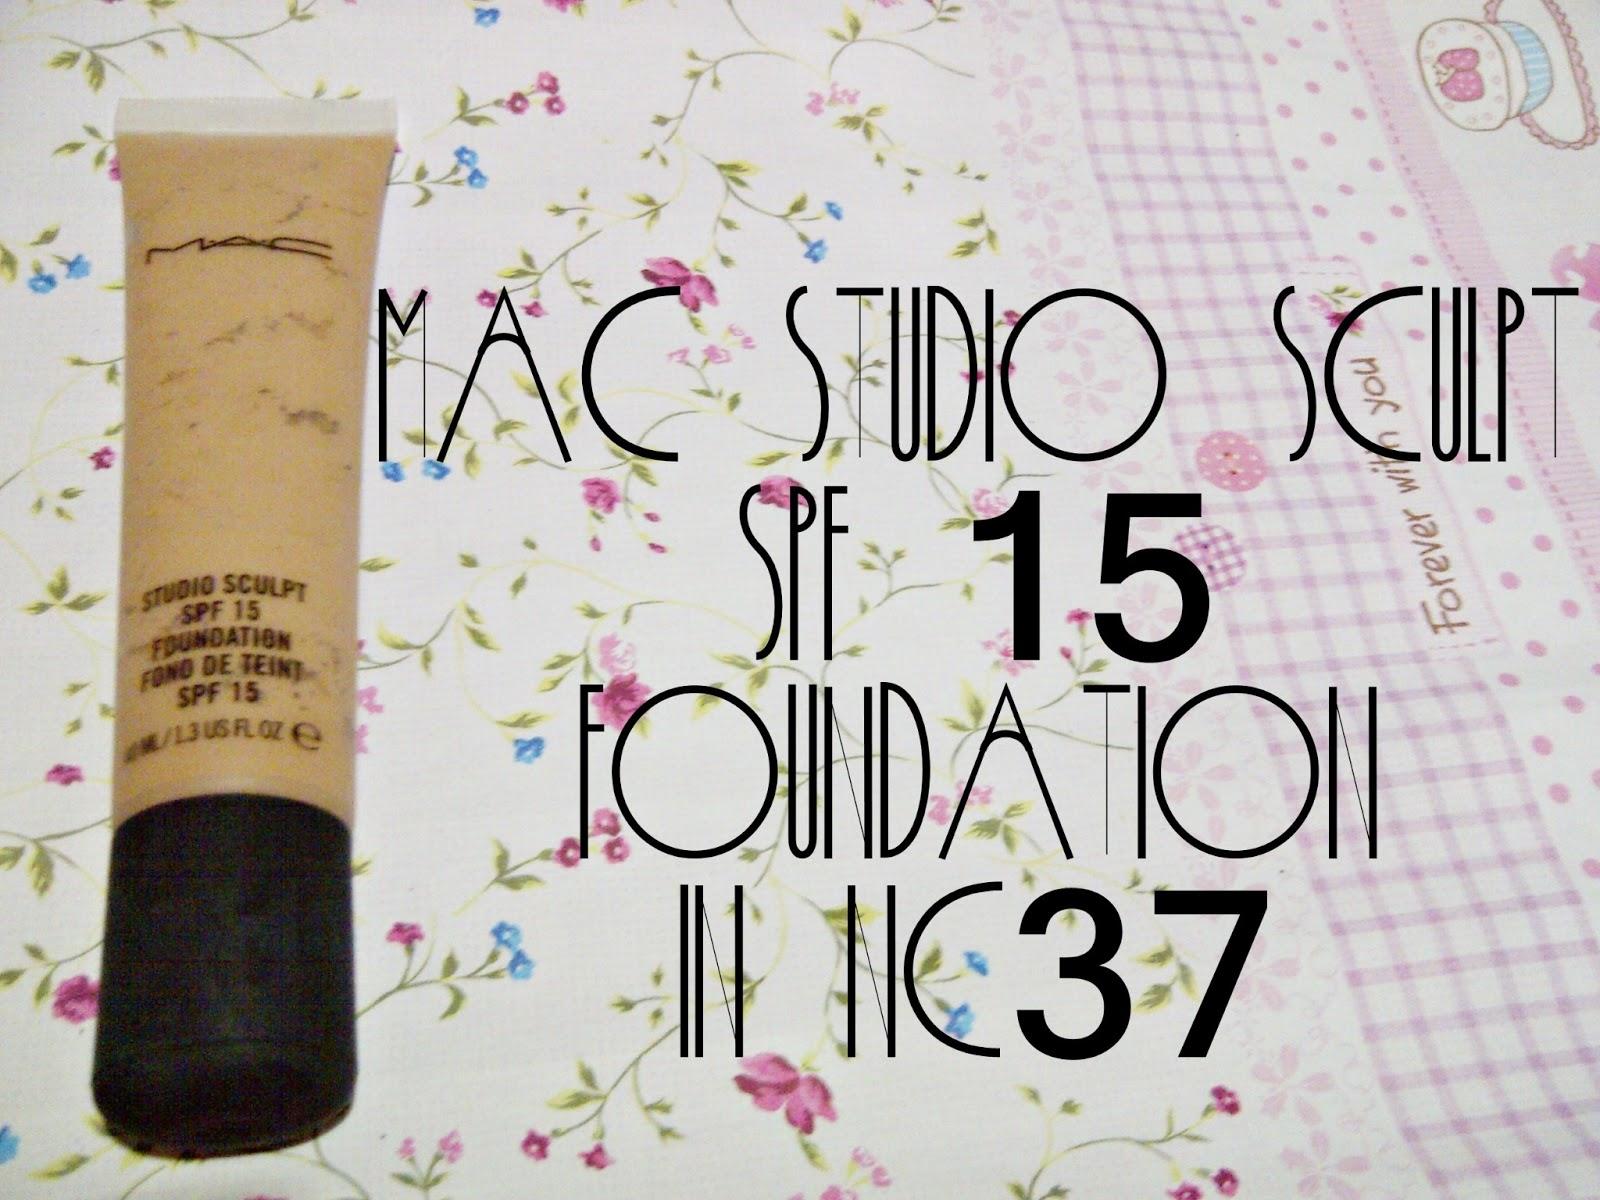 mac studio sculpt foundation nc37 review